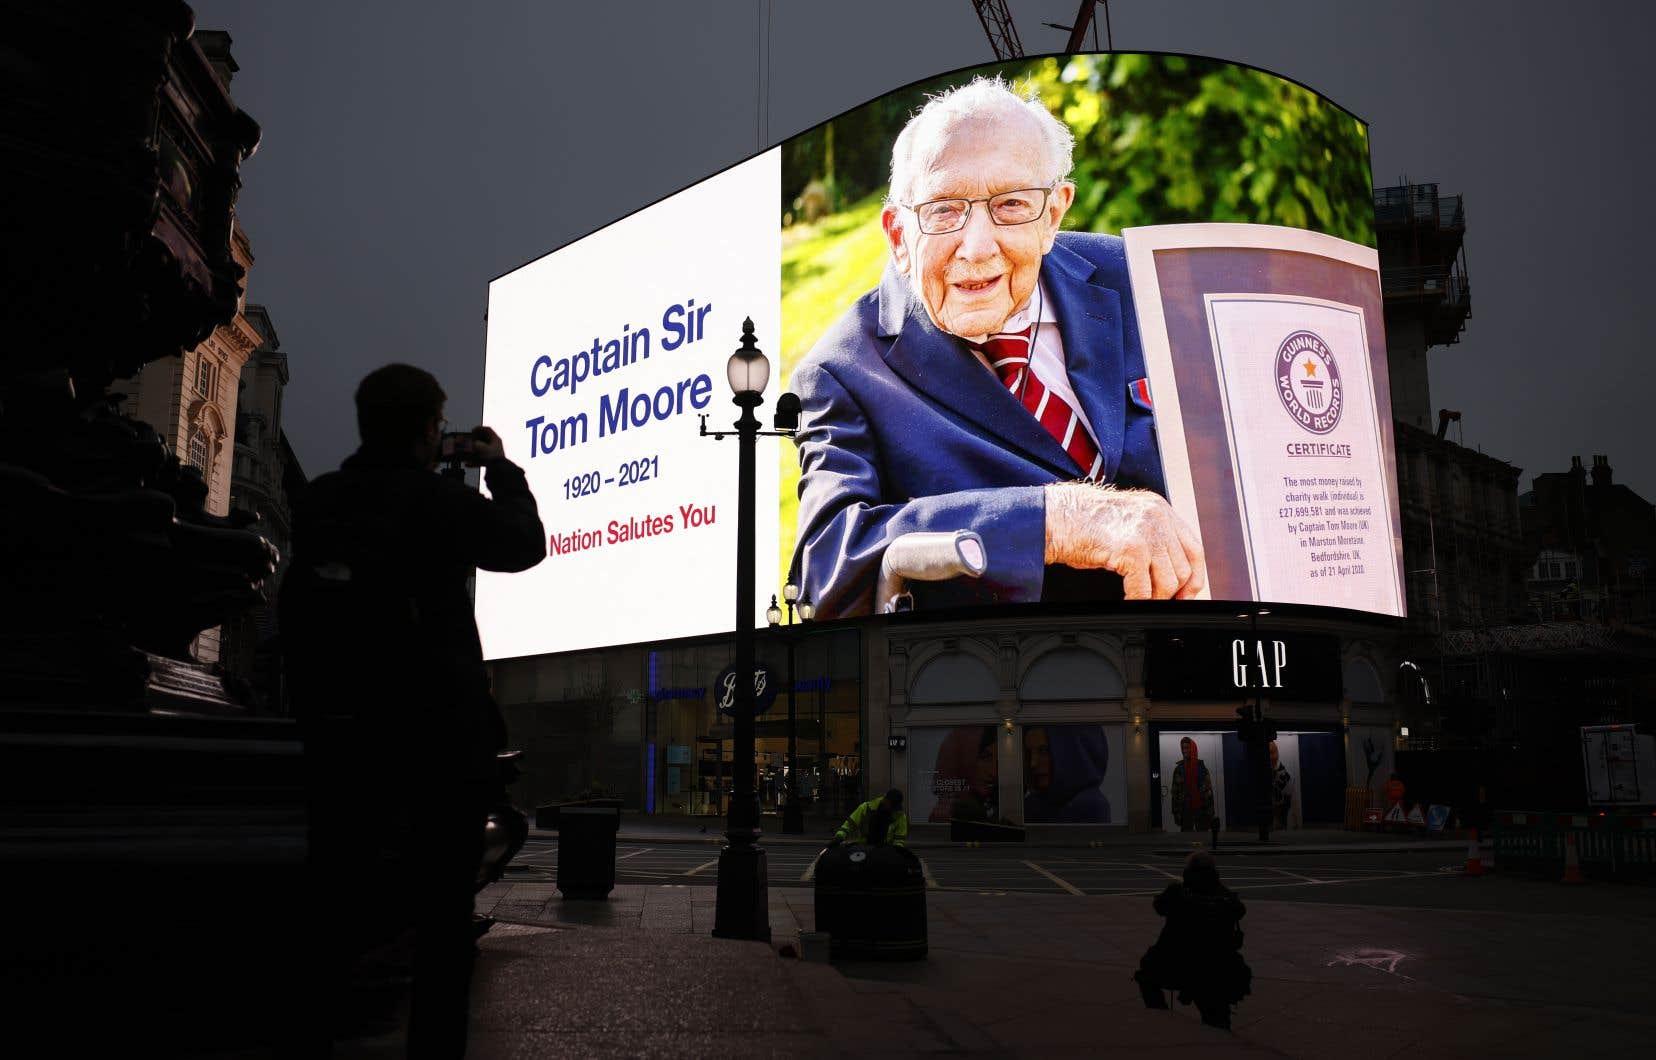 La mort du centenaire, qui avait été testé positif à la COVID-19, a provoqué une pluie d'hommages.